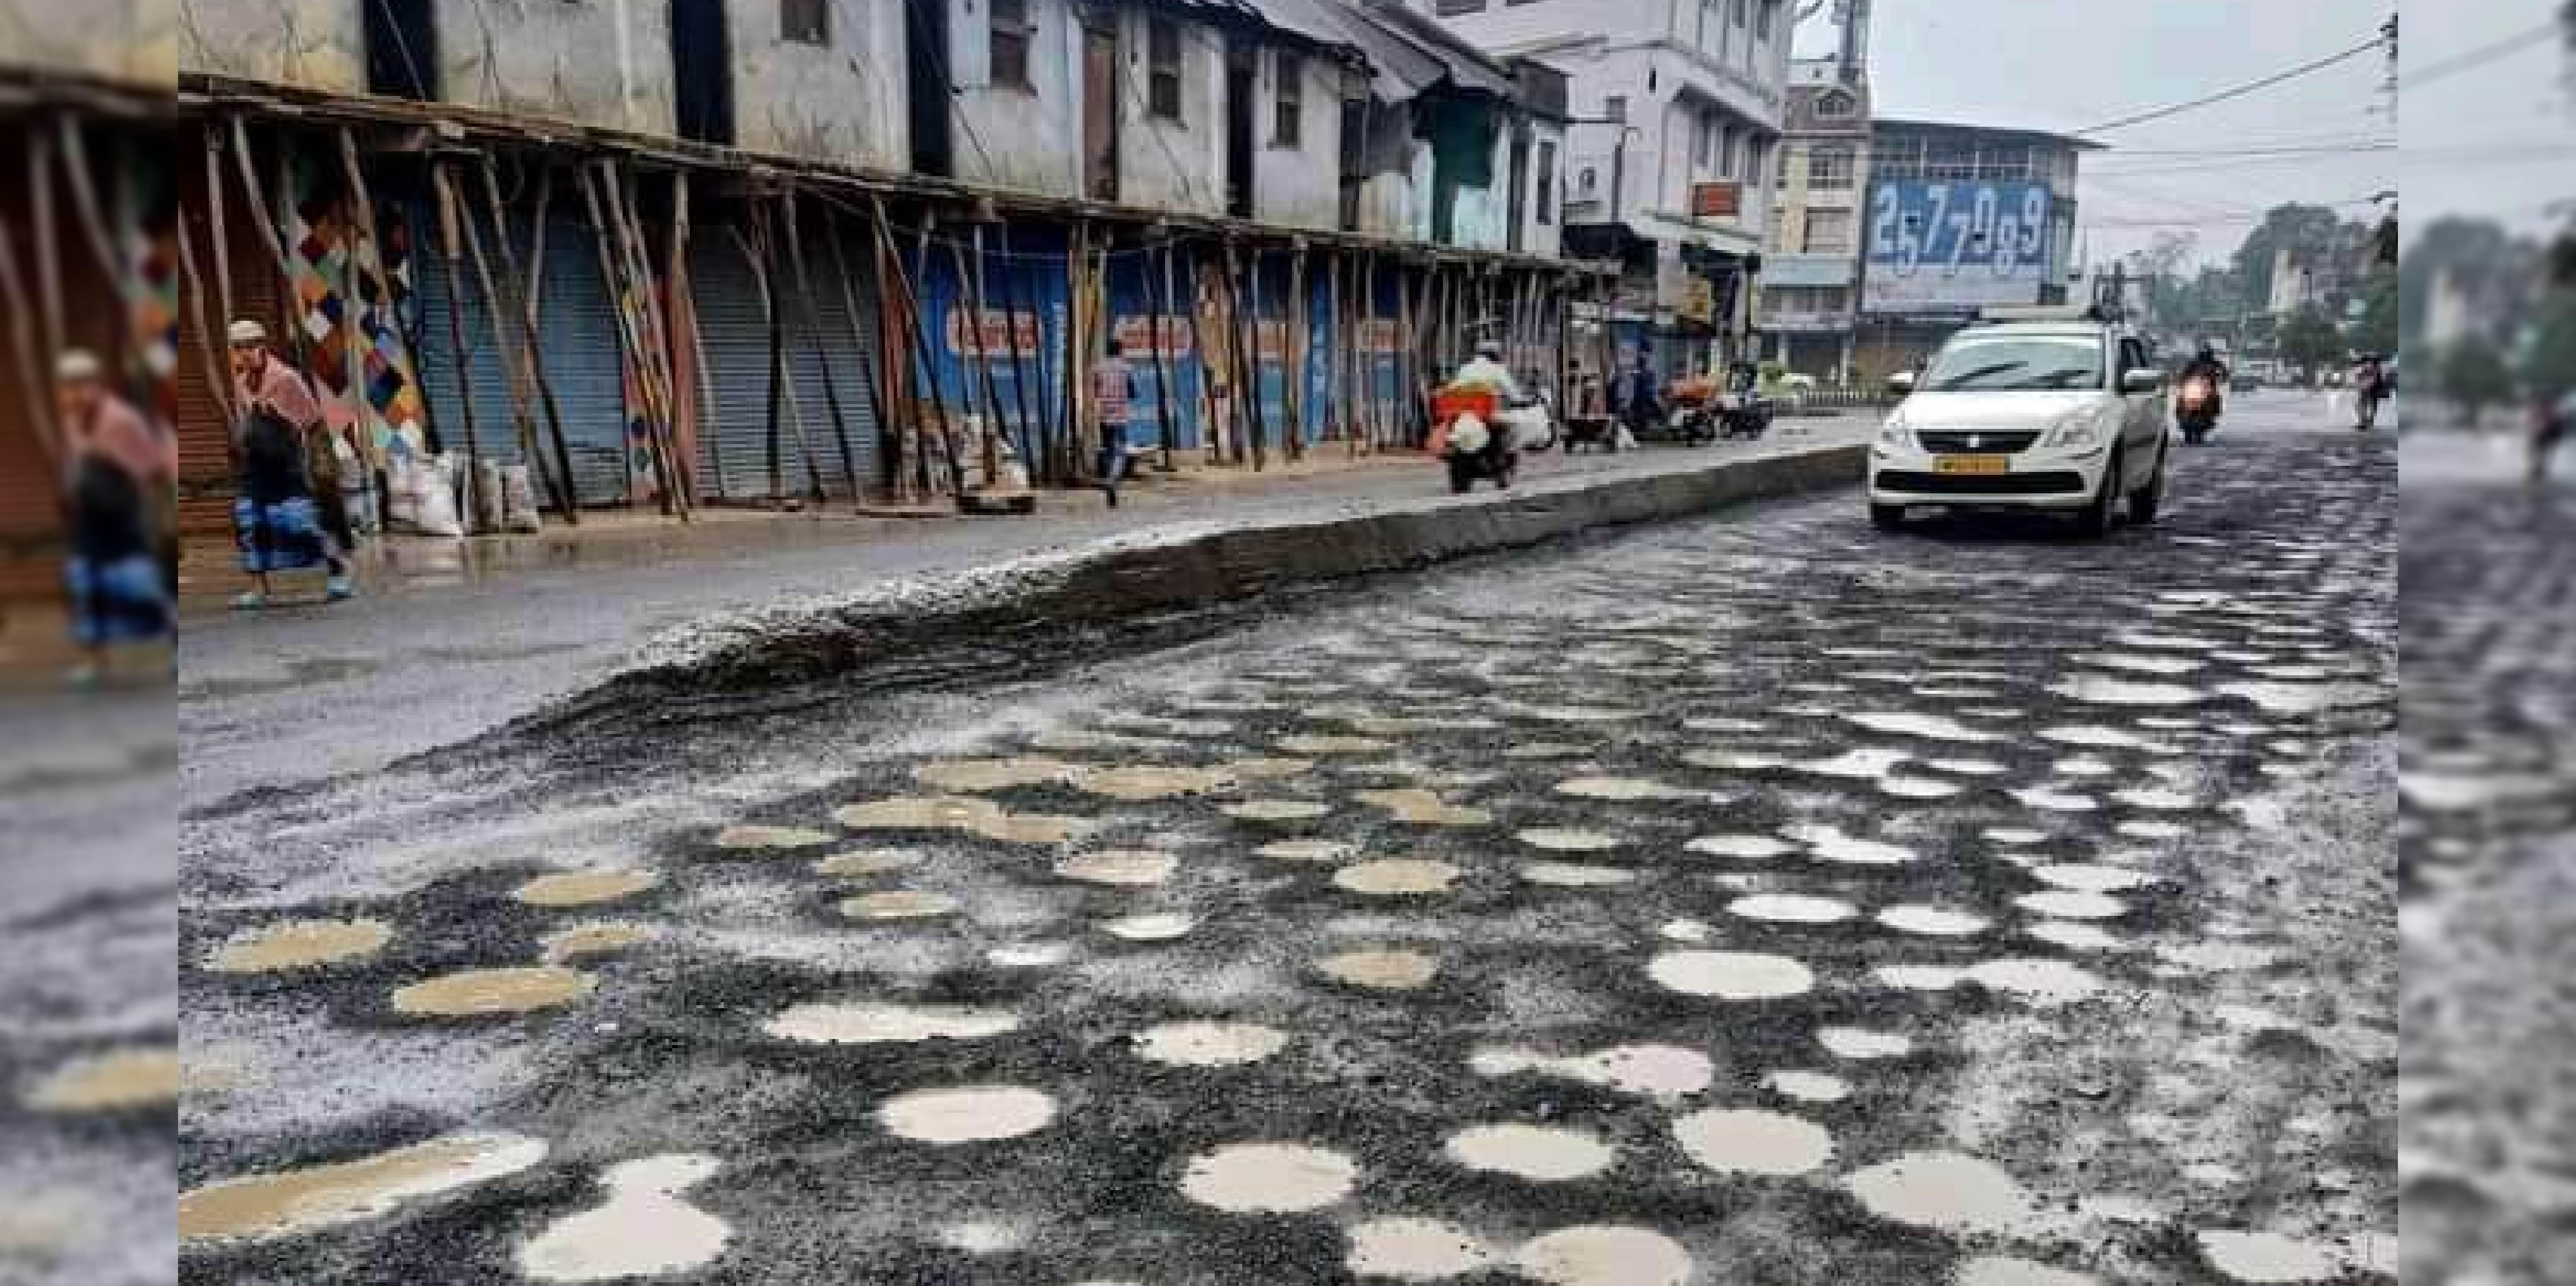 2 साल पहले सर्वे में 791 जर्जर भवन मिले थे, हटे सिर्फ 48; पुराने शहर में 90% खतरनाक बिल्डिंग, कभी भी हो सकता बड़ा हादसा भोपाल,Bhopal - Dainik Bhaskar